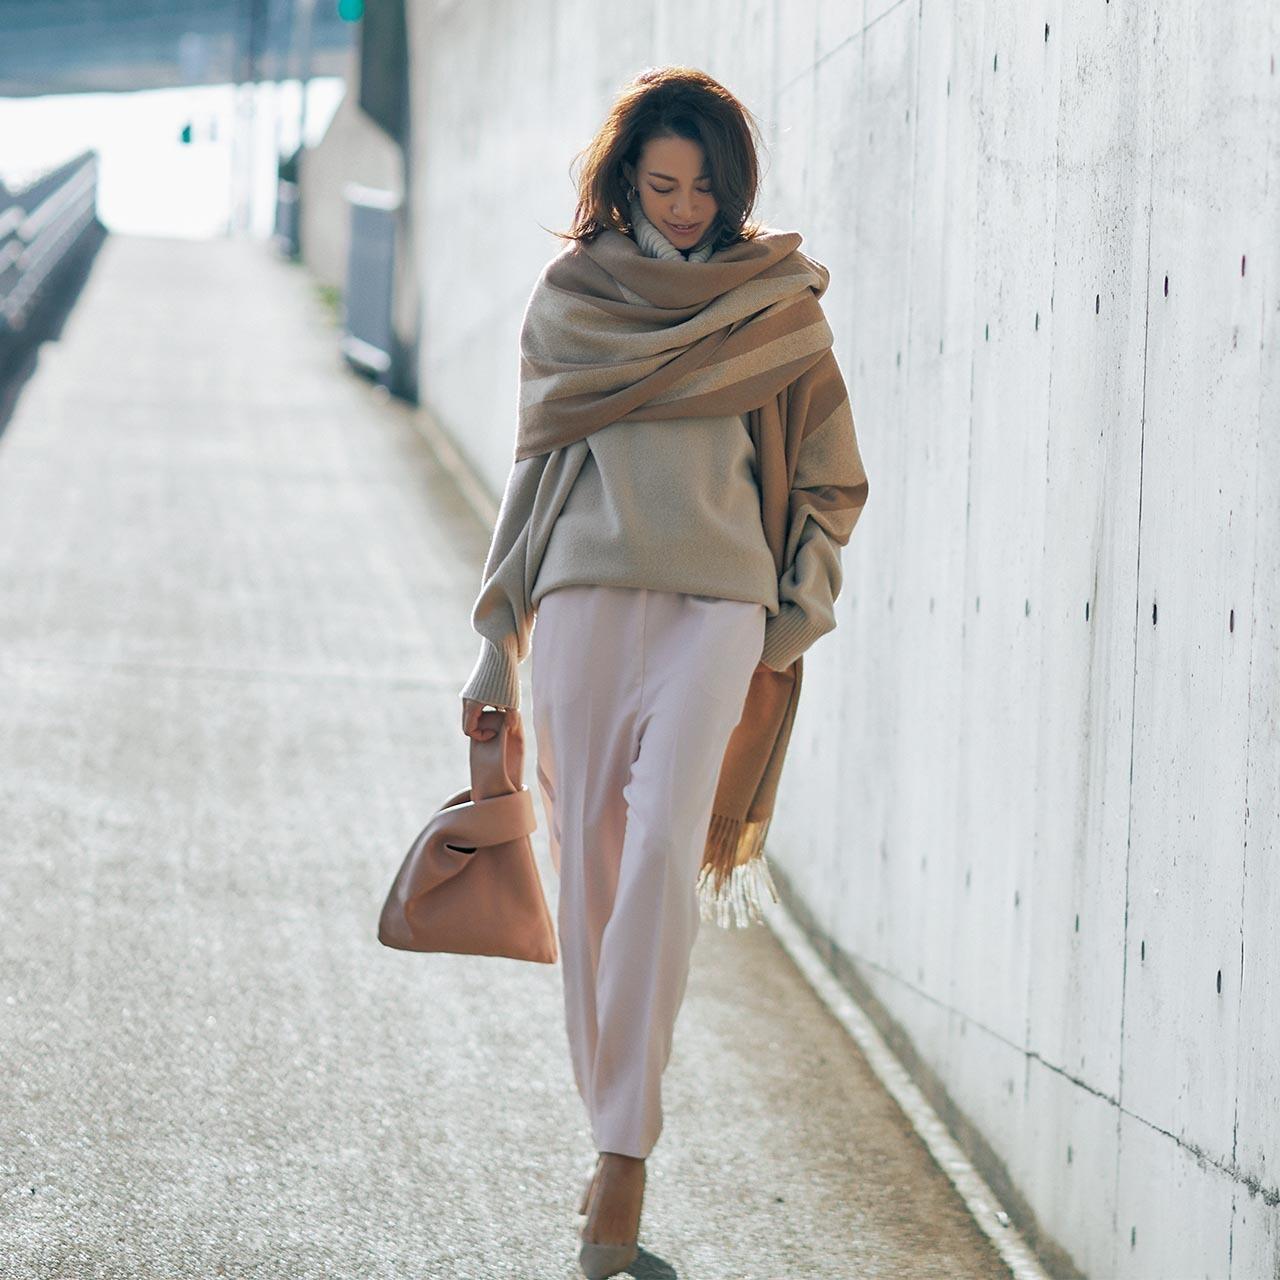 ピンクパンツ×ベージュのニット×大判ストールのファッションコーデ